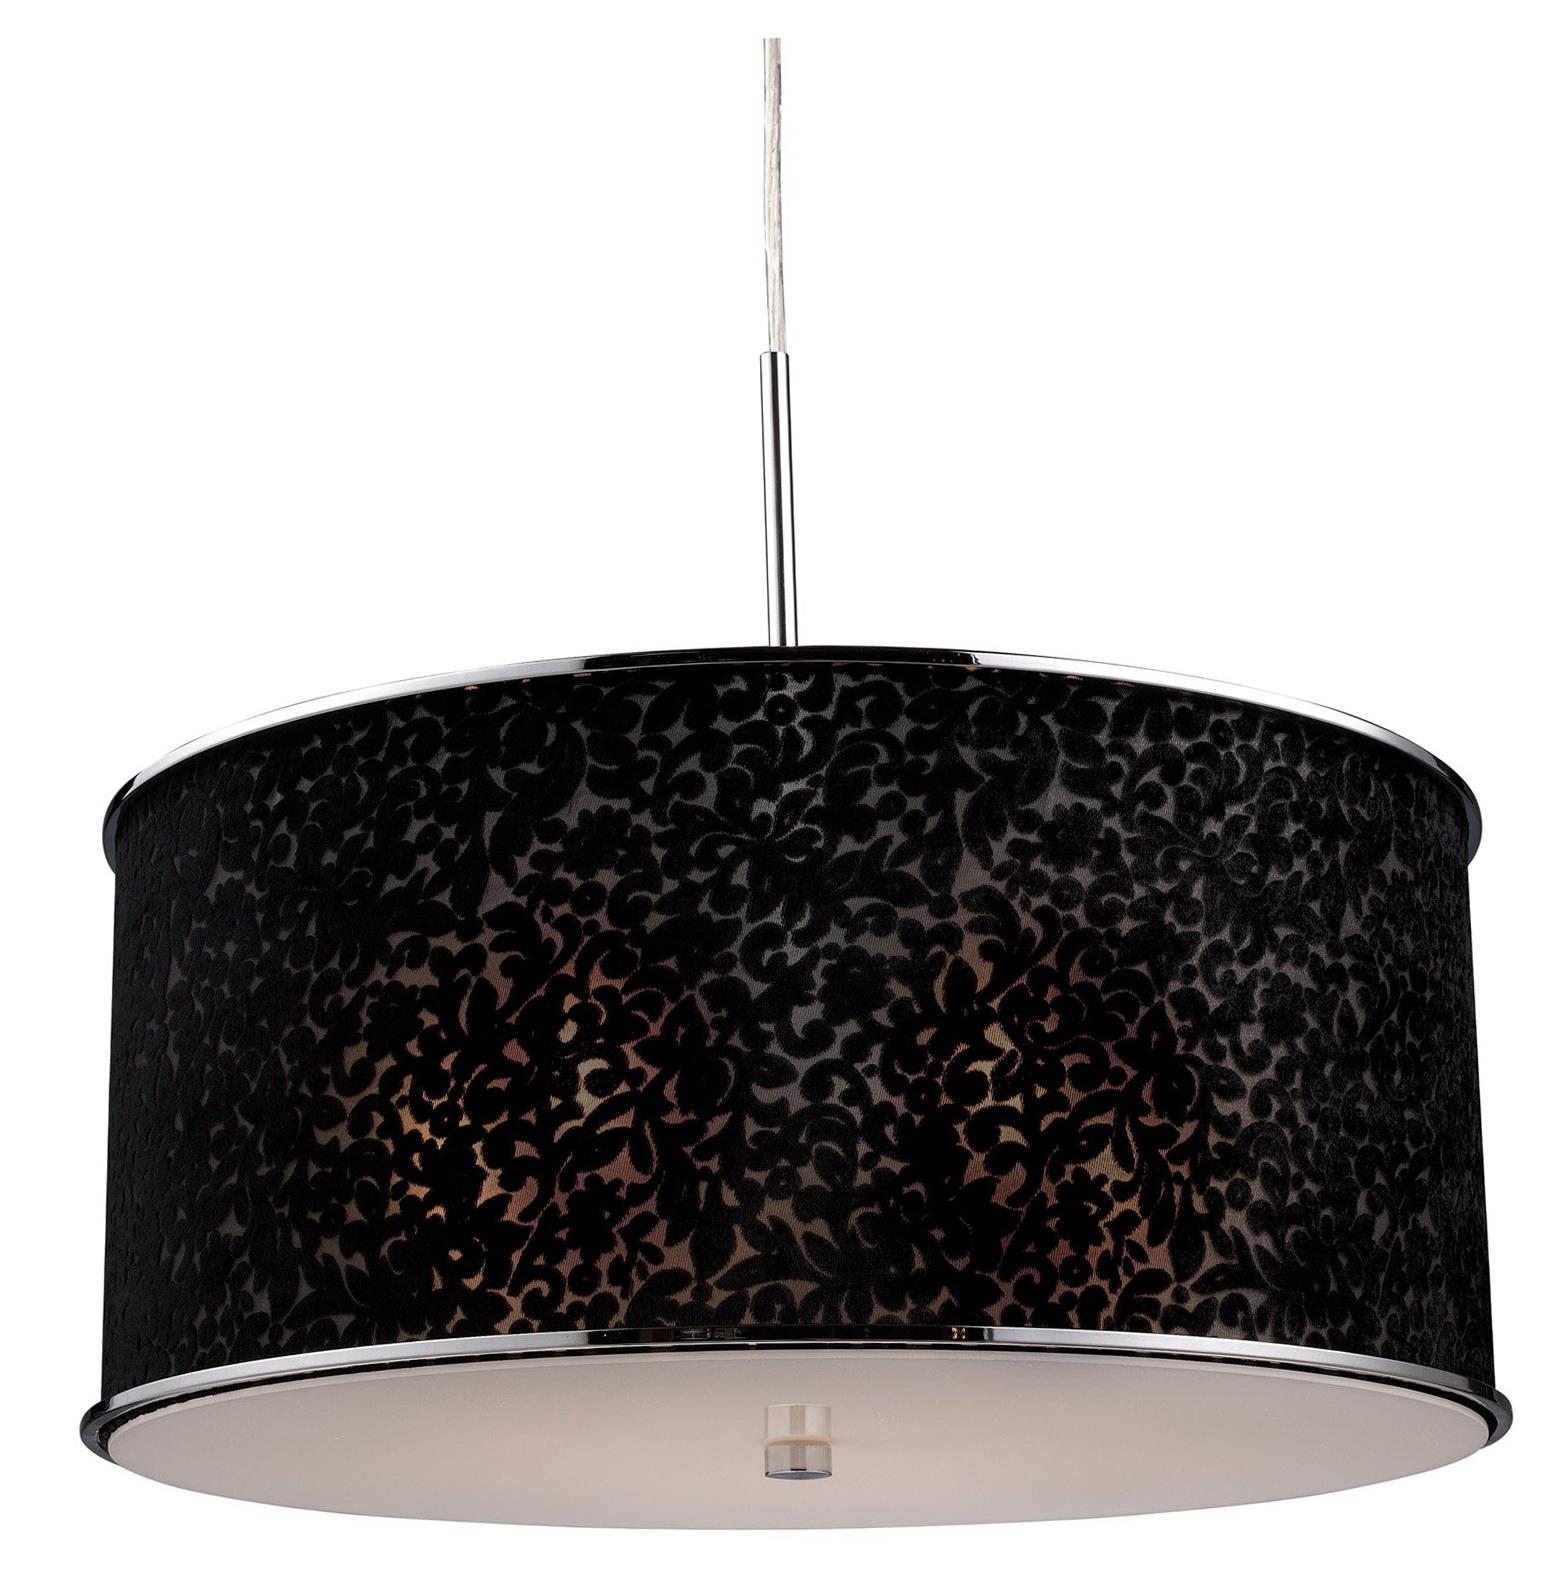 Black Drum Shade Chandelier Home Design Ideas